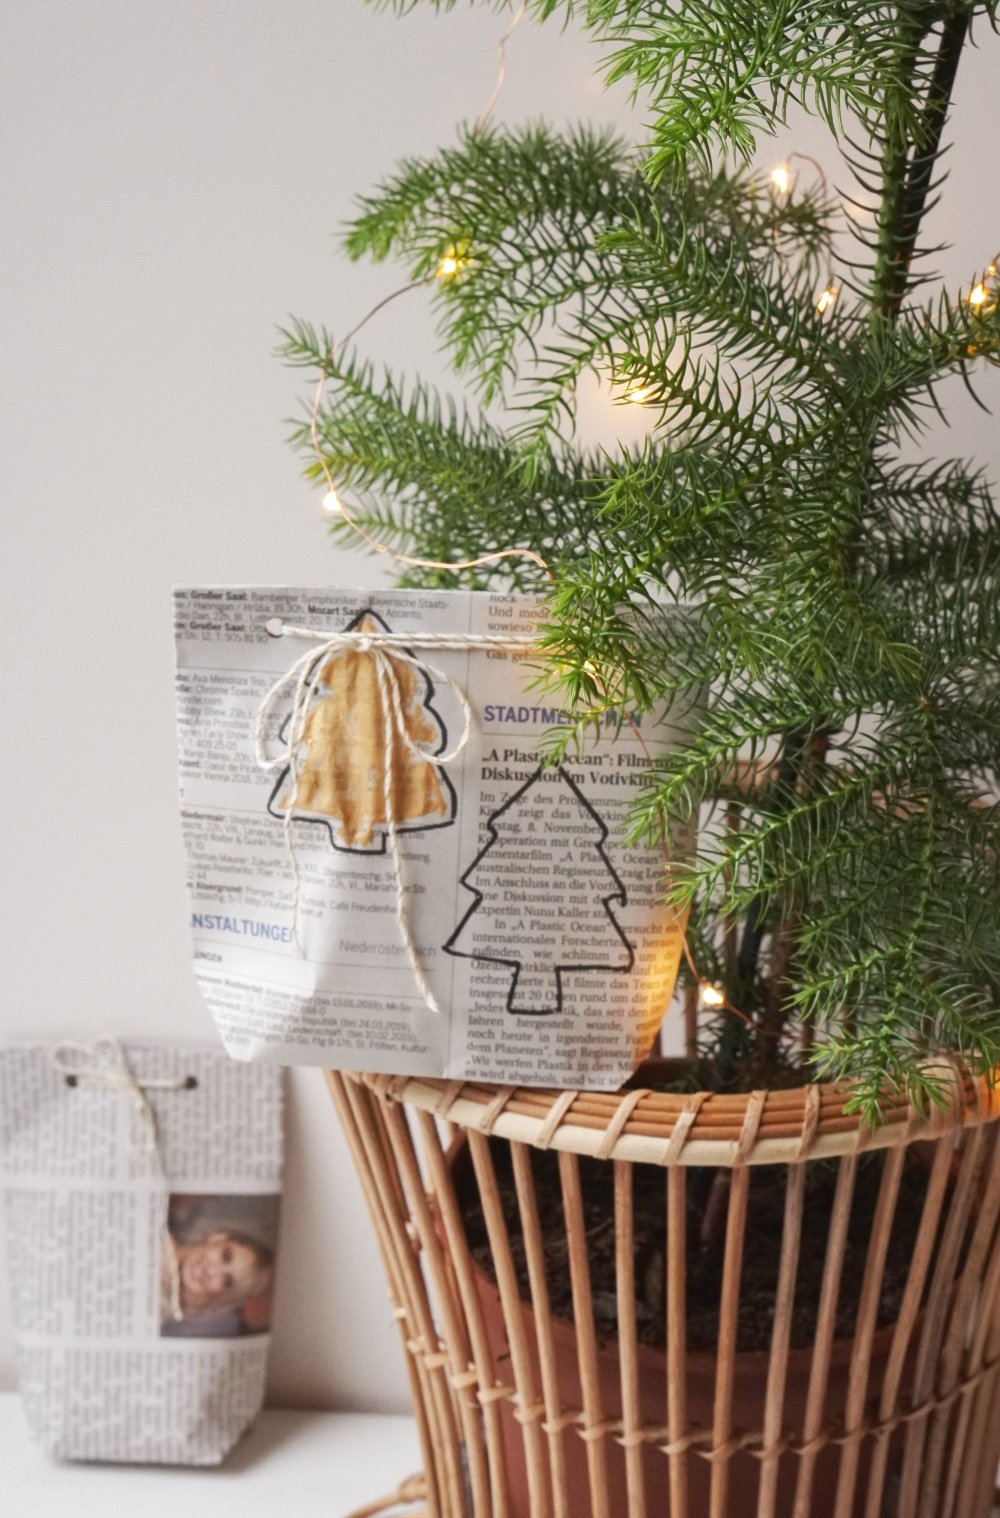 nachhaltig geschenke verpacken papiertuete 3